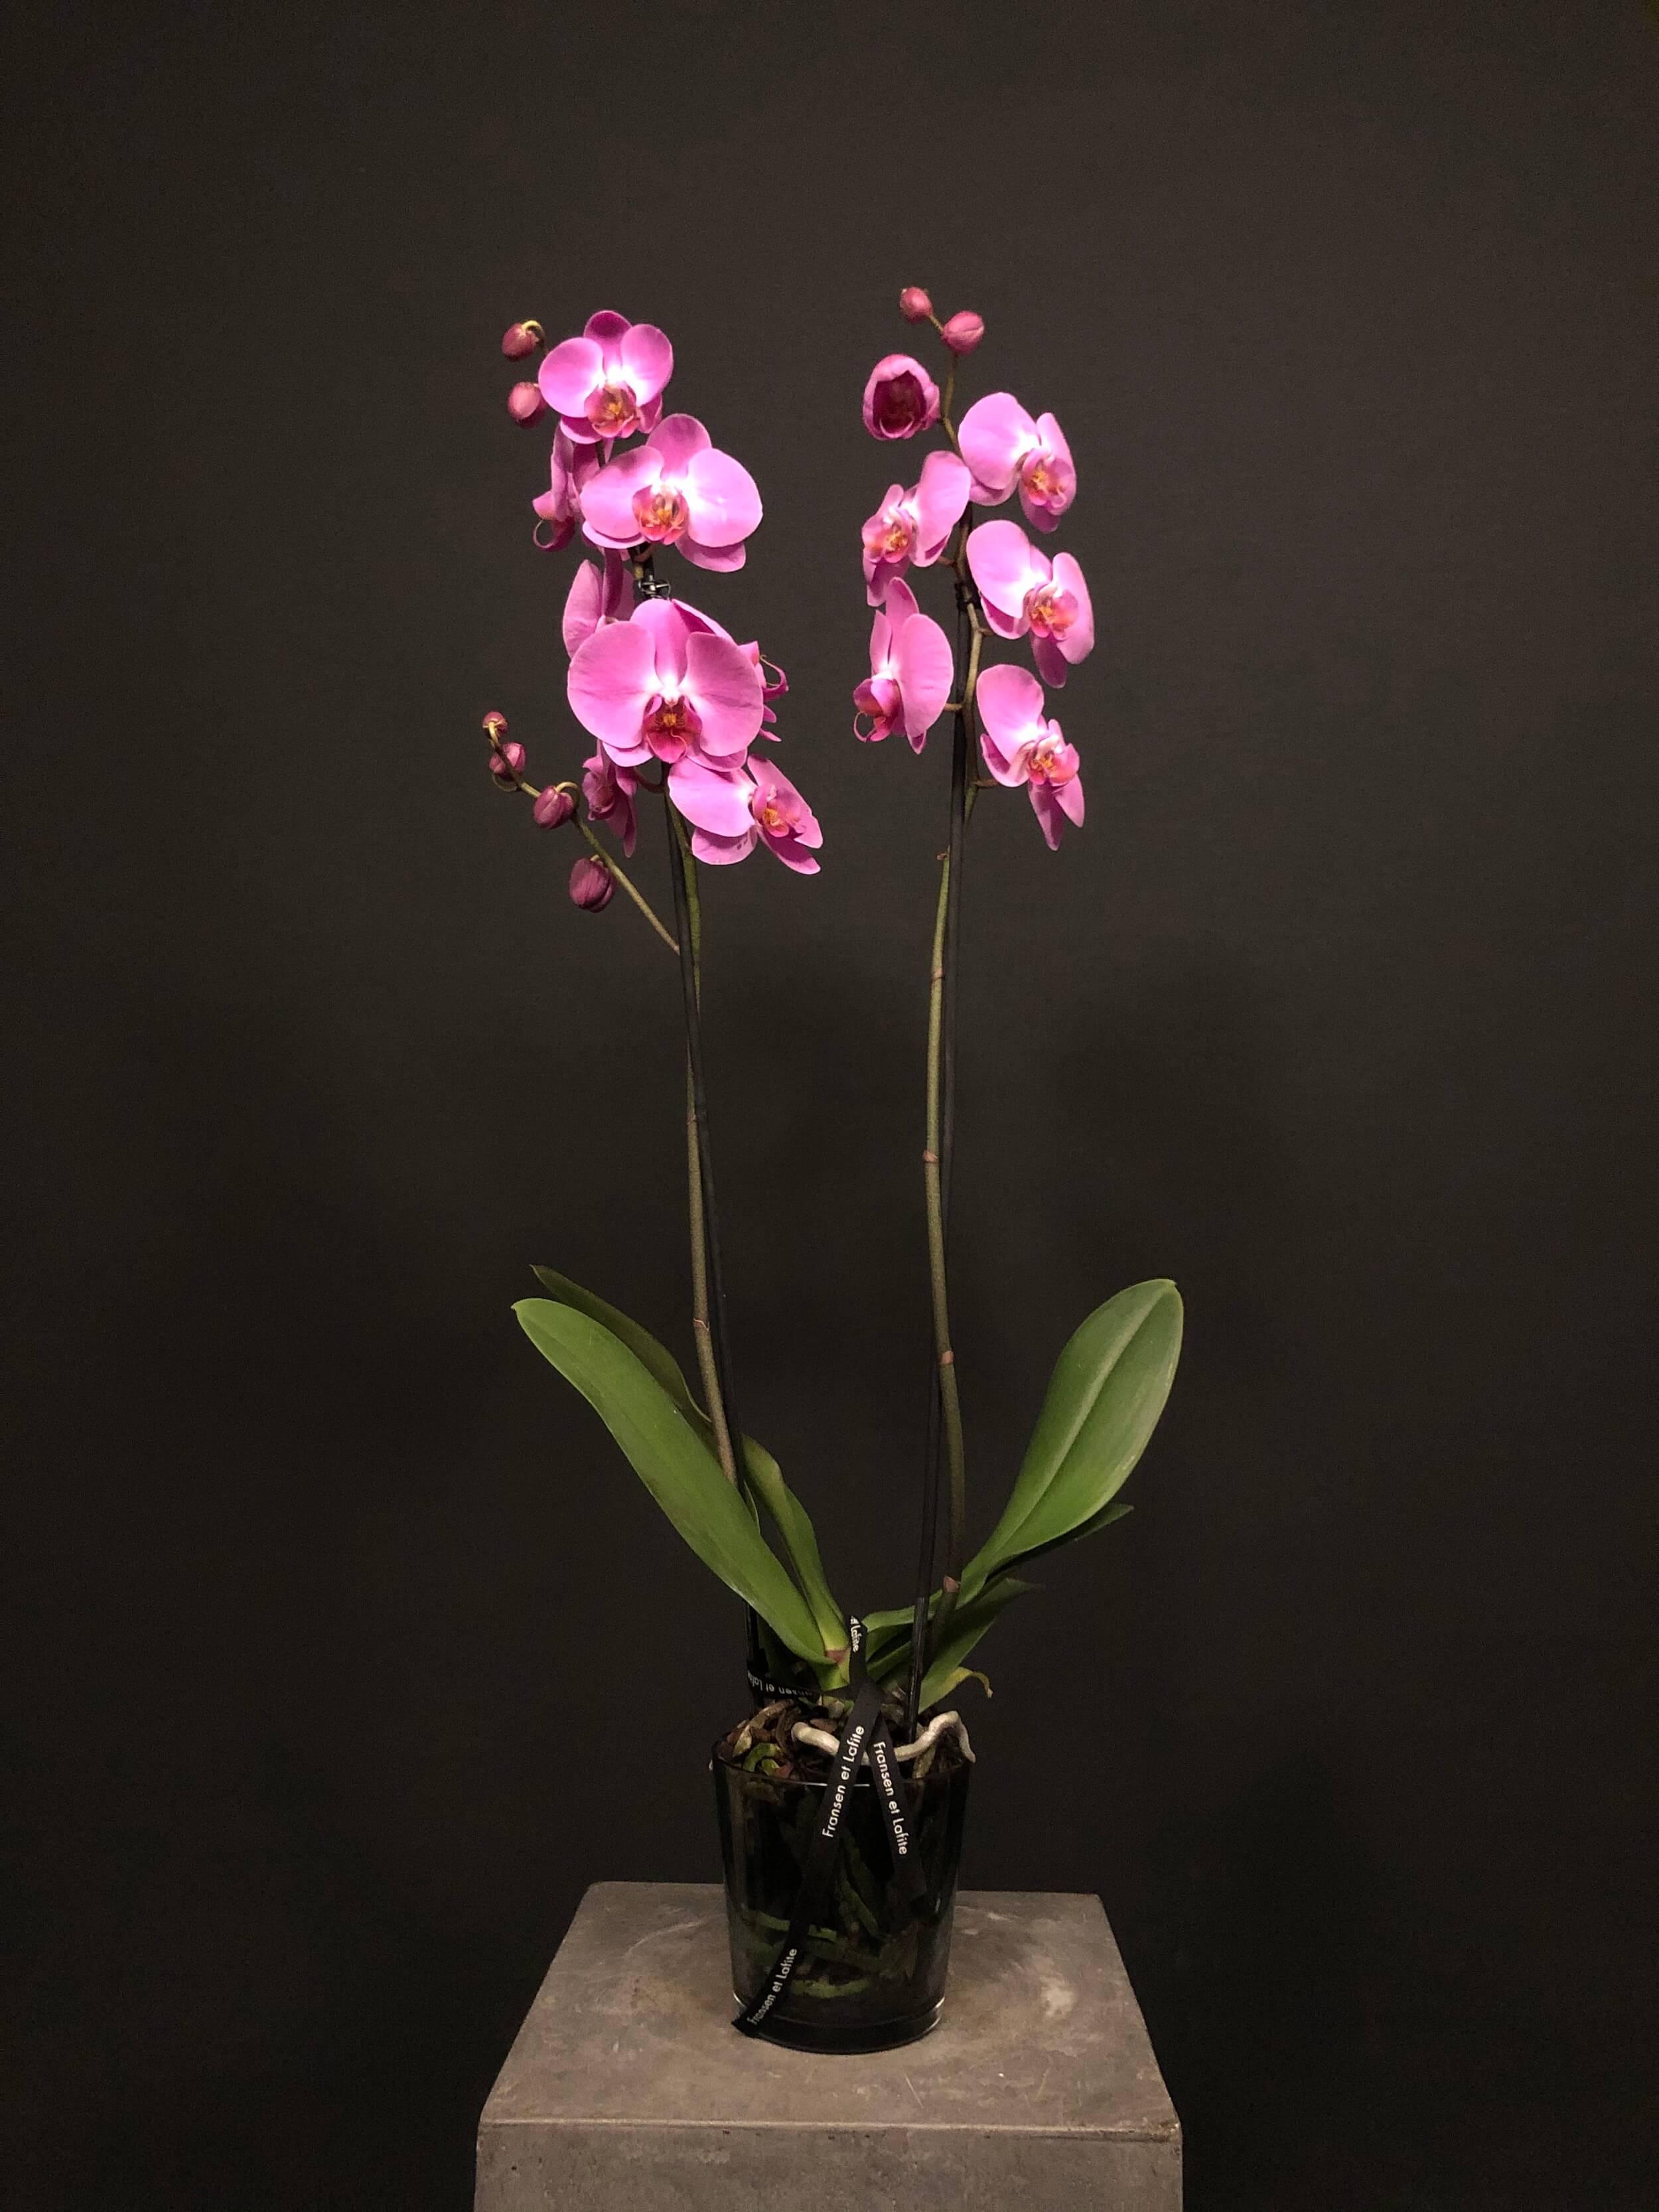 Orquídea 2 tallos en jarrón de cristal